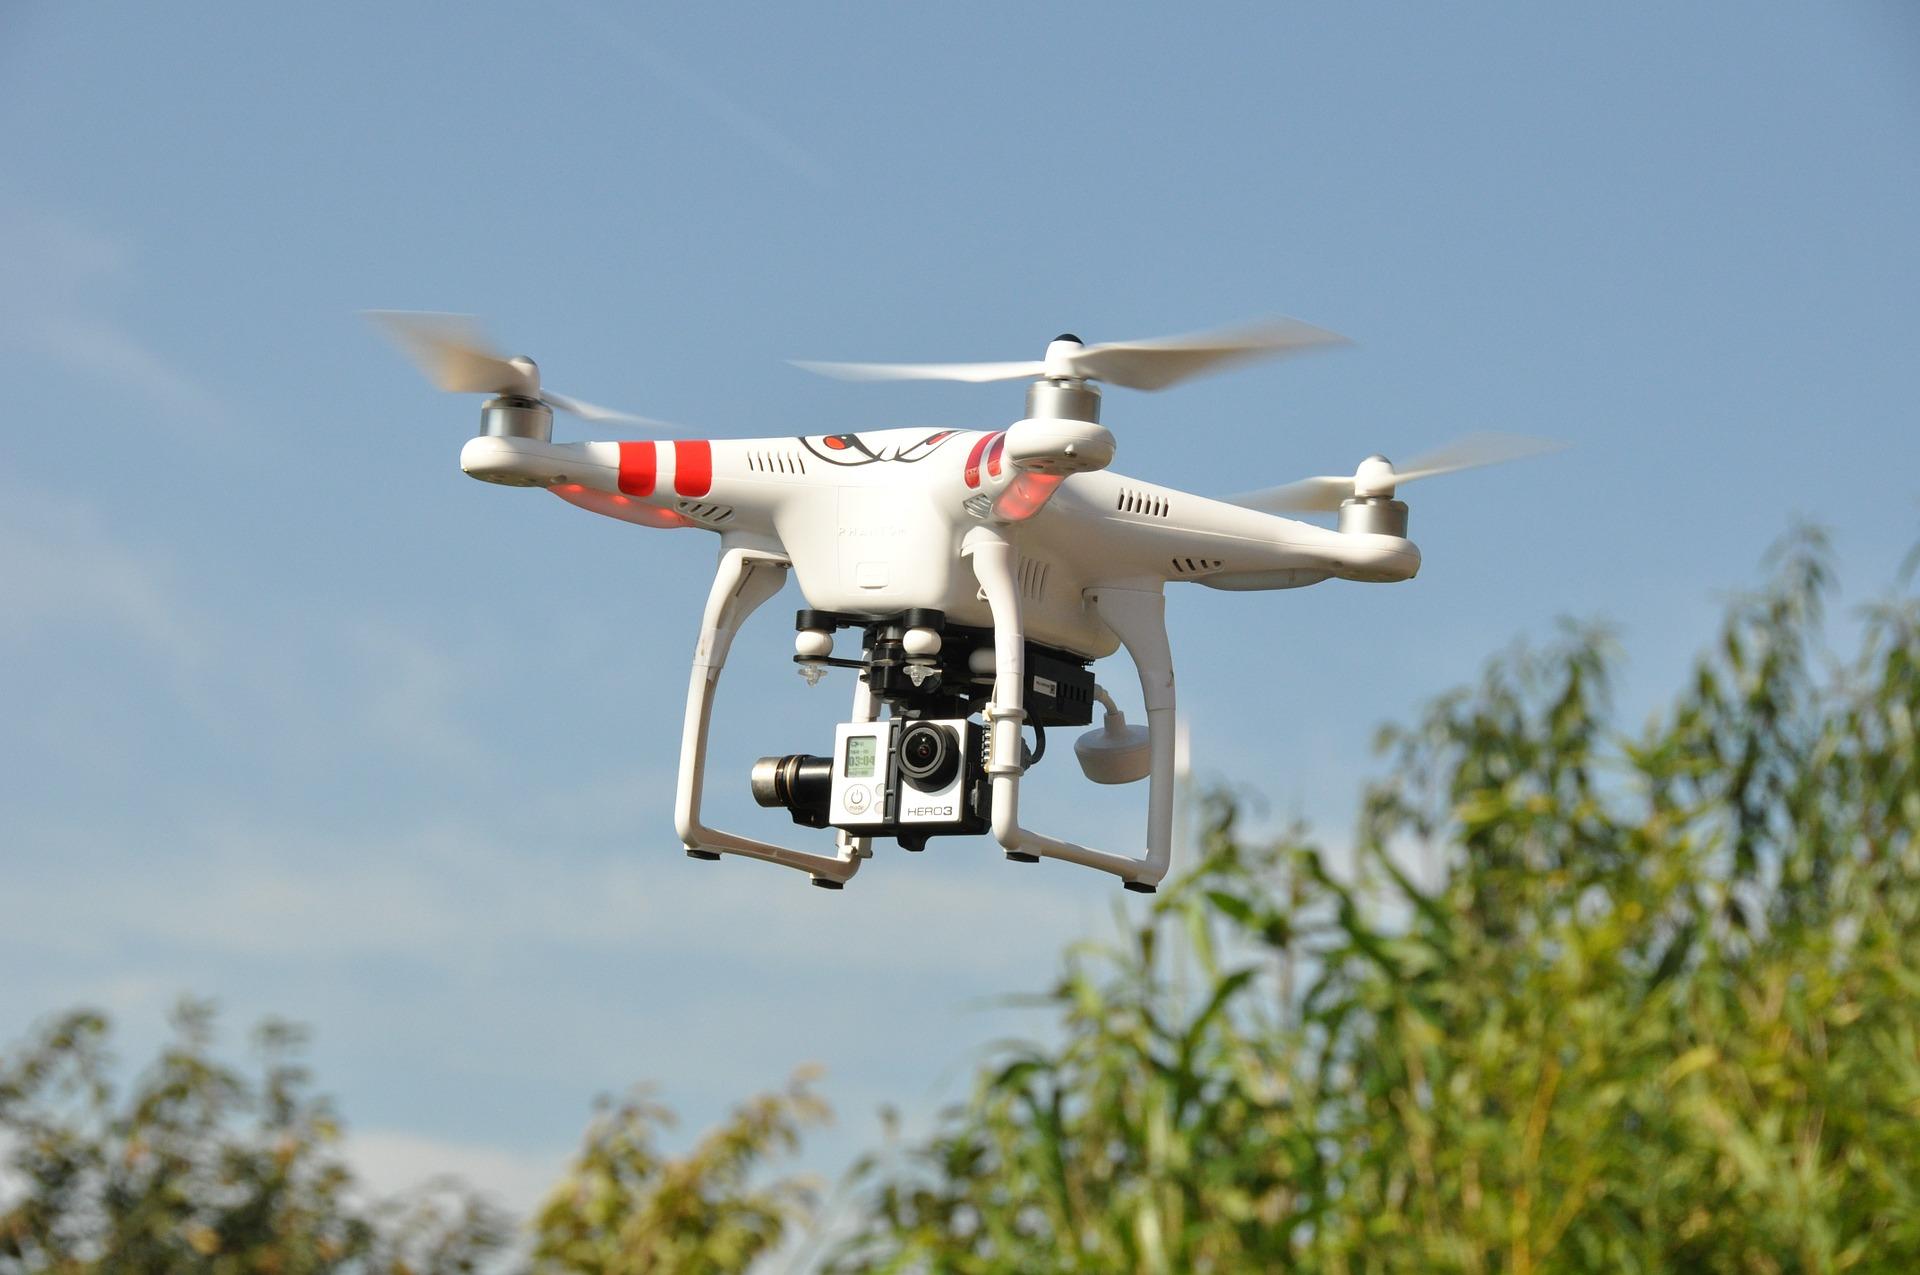 drone-1142182_1920